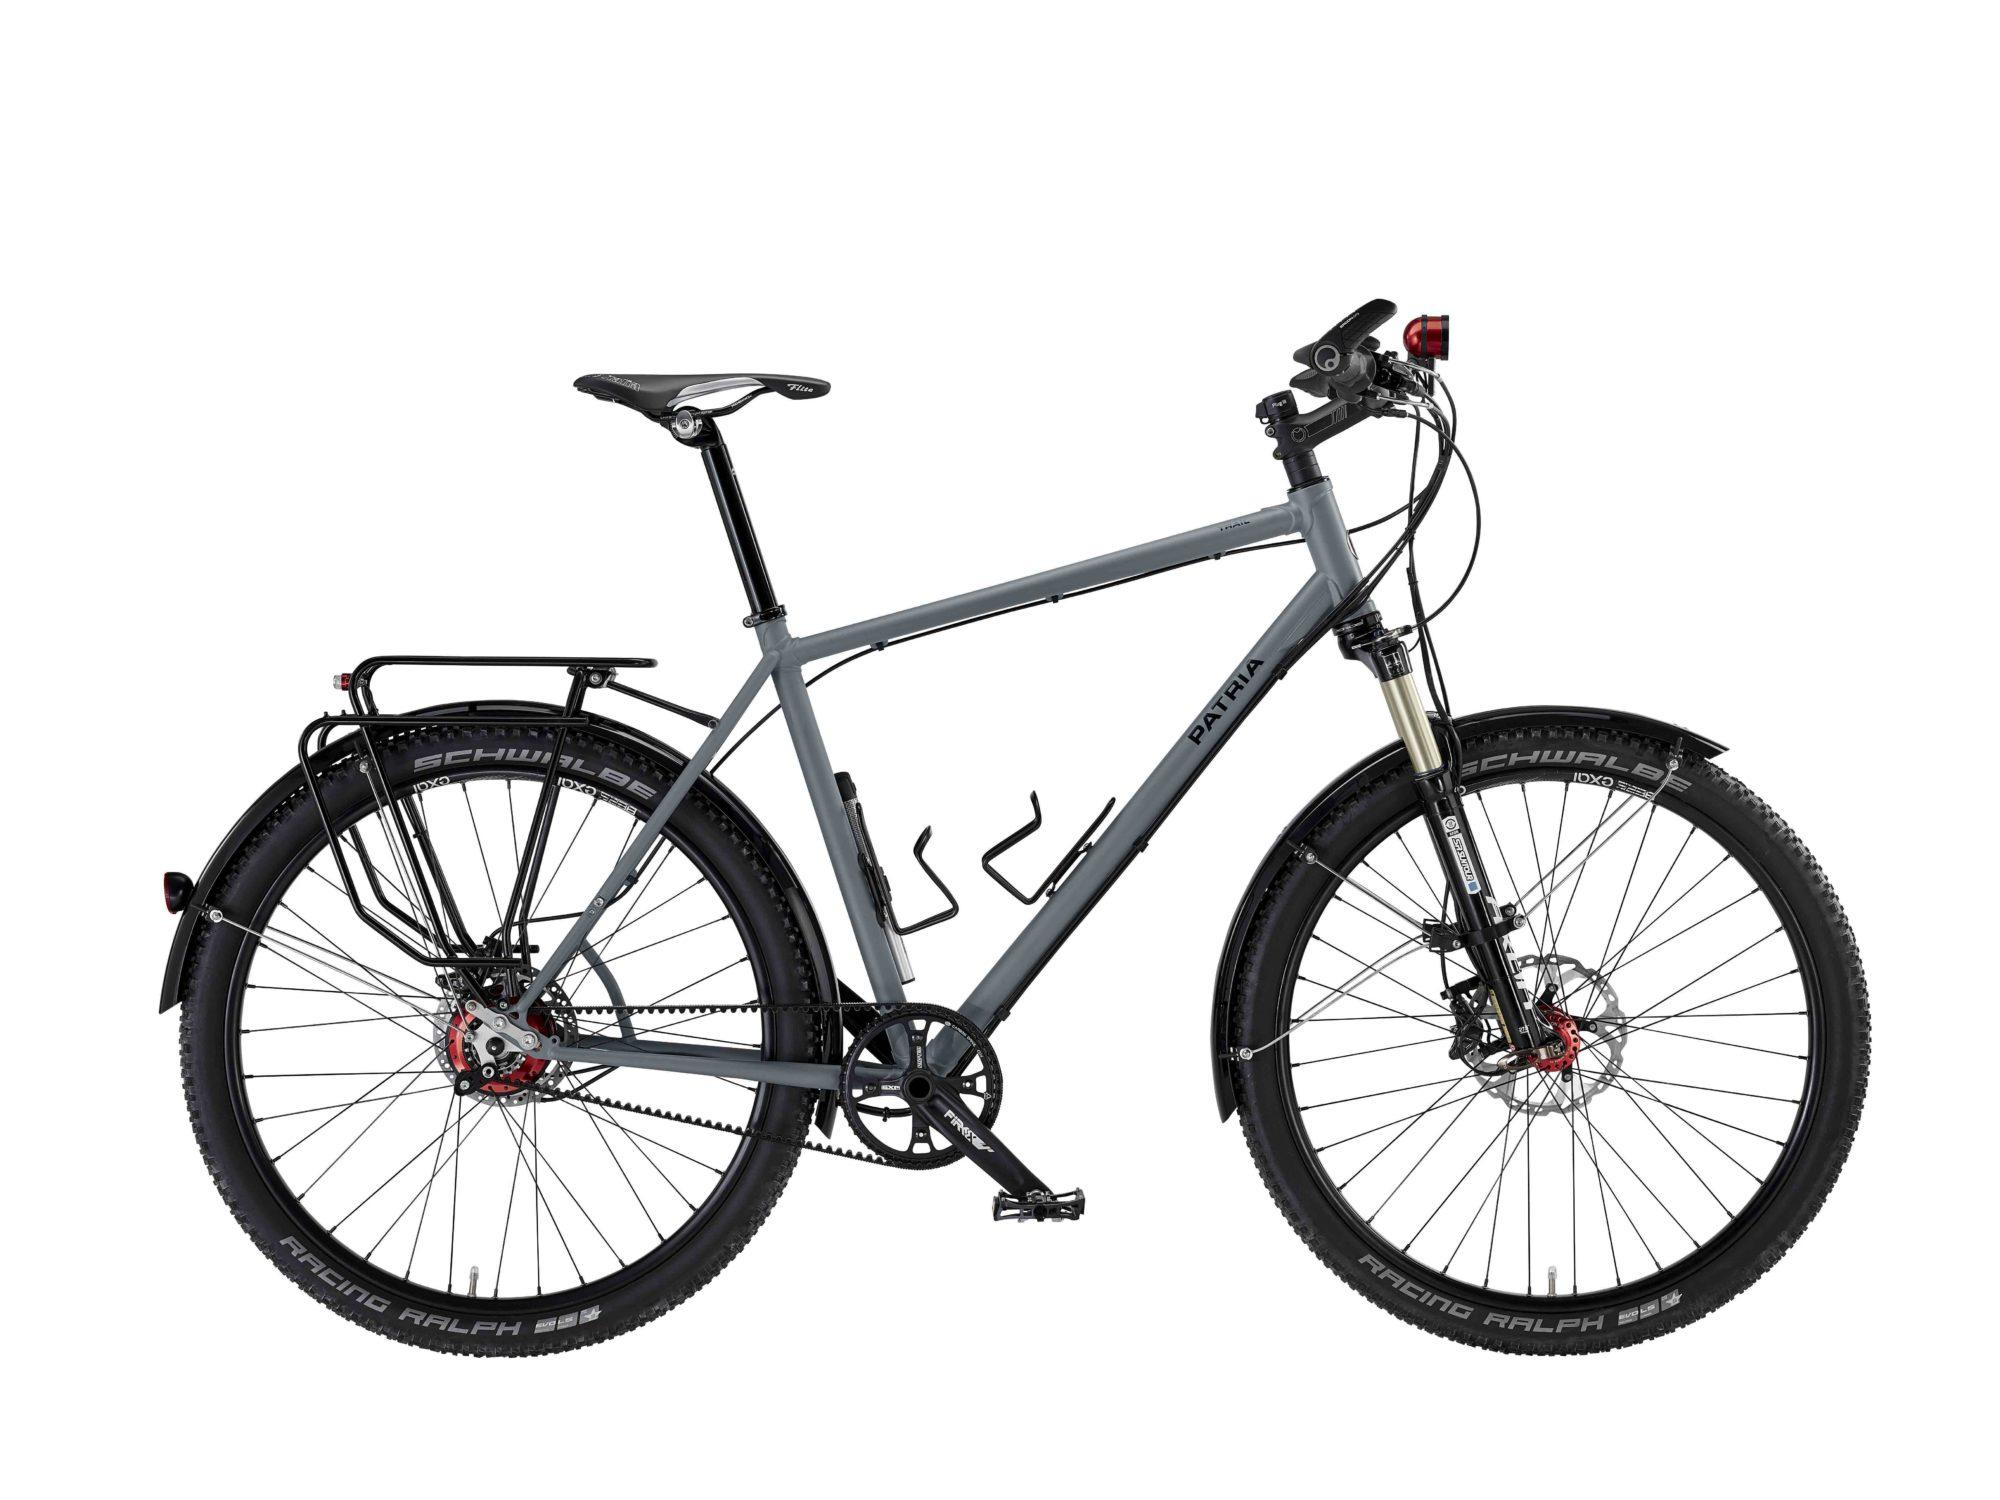 Patria Trail als Extrem-Reiserad mit langhubiger Federgabel, Rohloff-Nabe und Riemenatnrieb ausgestattet.